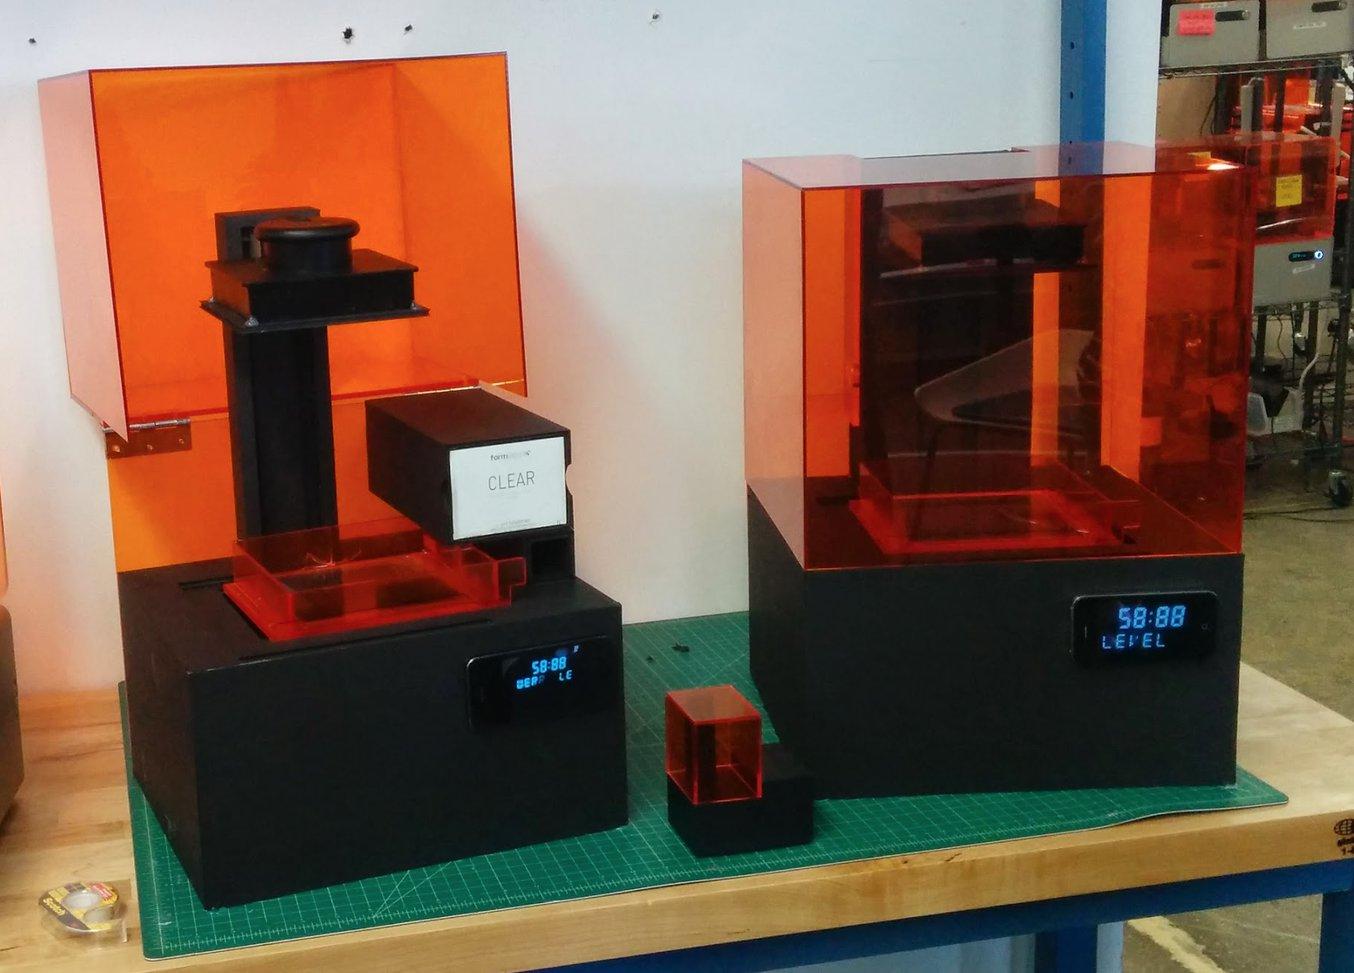 """Wir haben Variationen bei der Kartuschenposition getestet – im Bauvolumen und im endgültigen """"Rucksack""""-Konzept. Beachten Sie den Mini-Drucker zwischen den beiden großen Prototypen."""